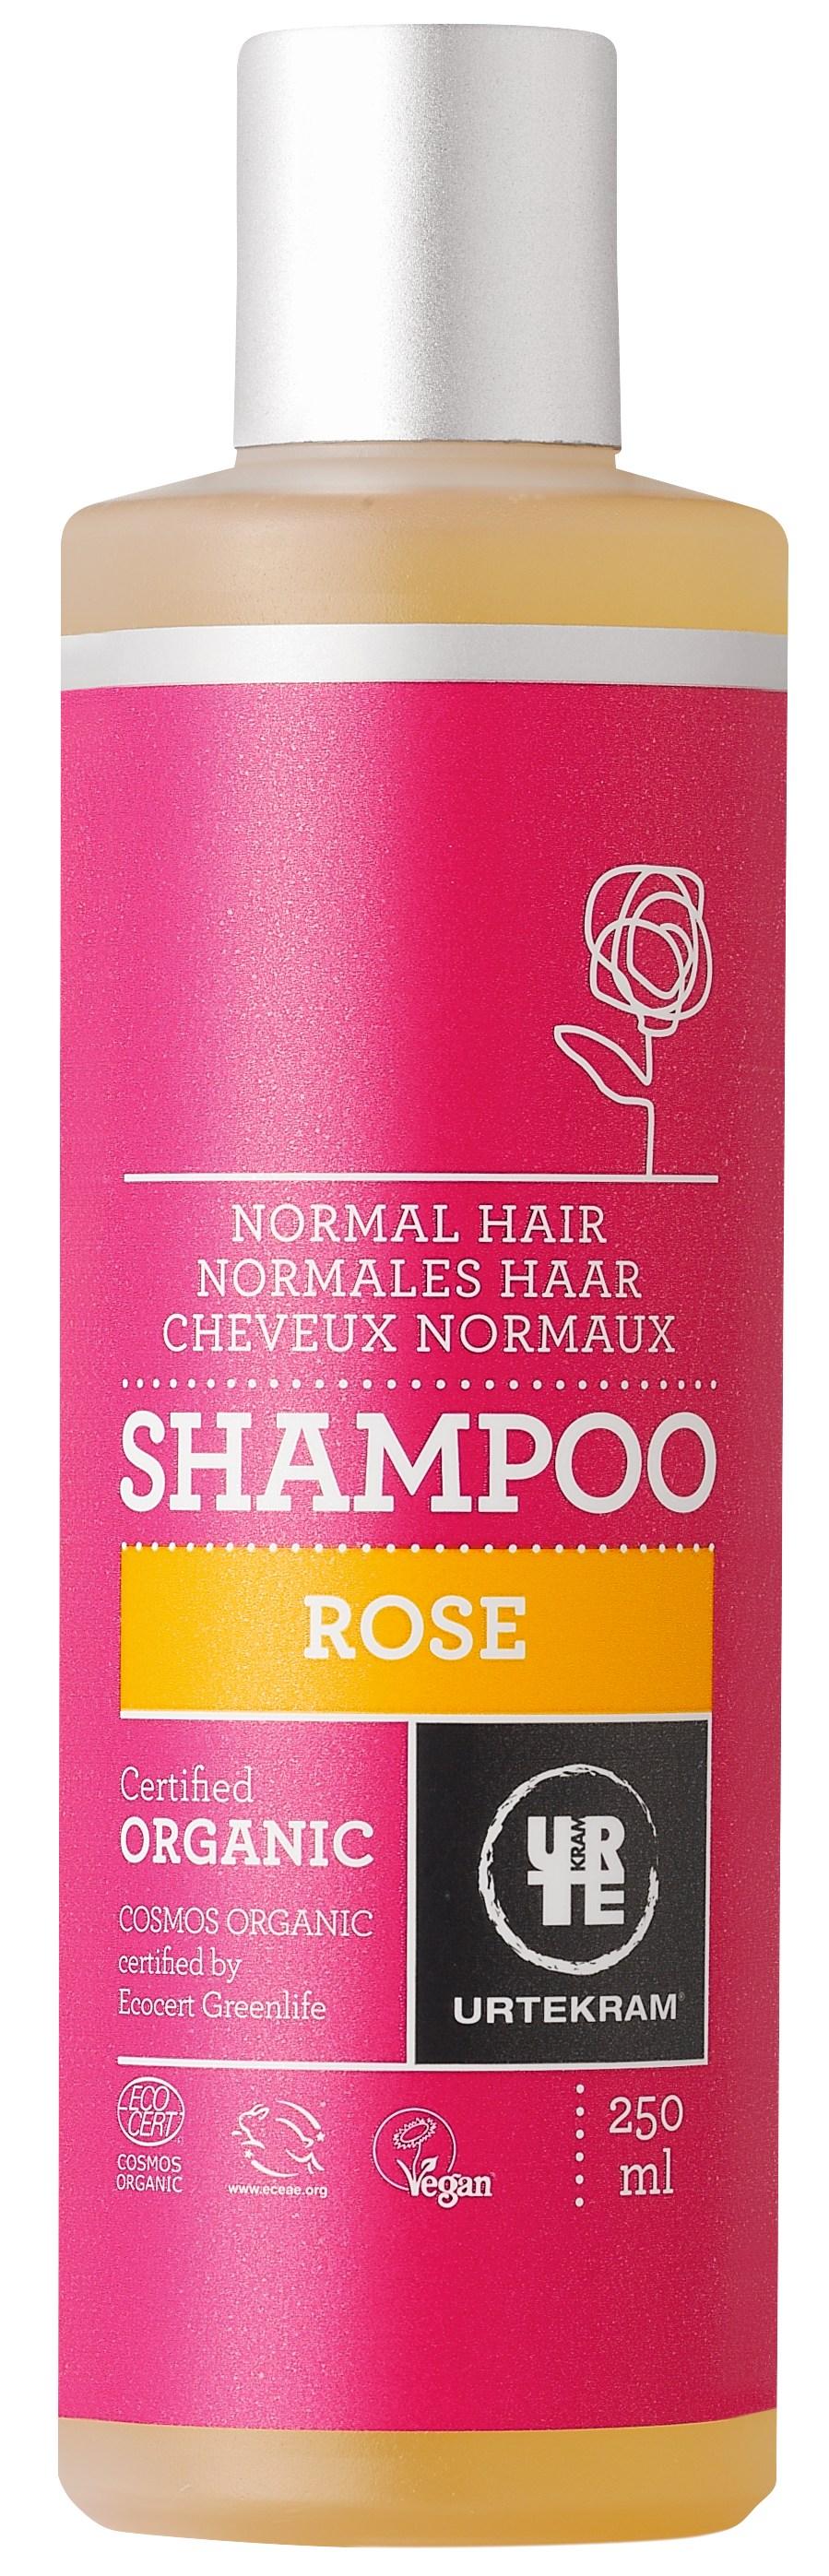 Urtekram Rose Shampoo - Normalt Hår - 250 ml